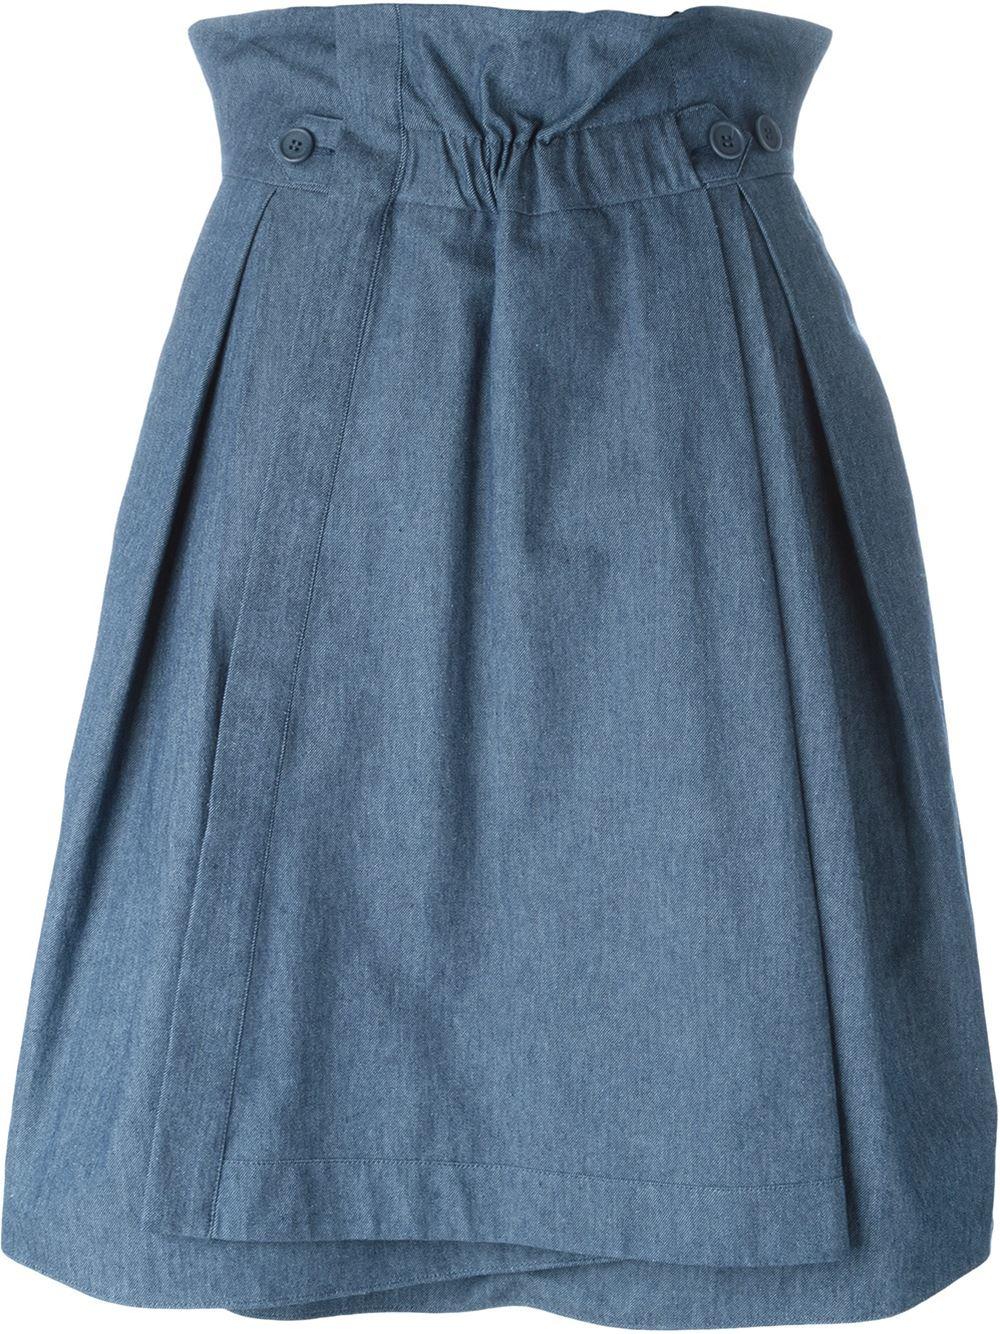 jil sander navy a line wrap skirt in blue lyst